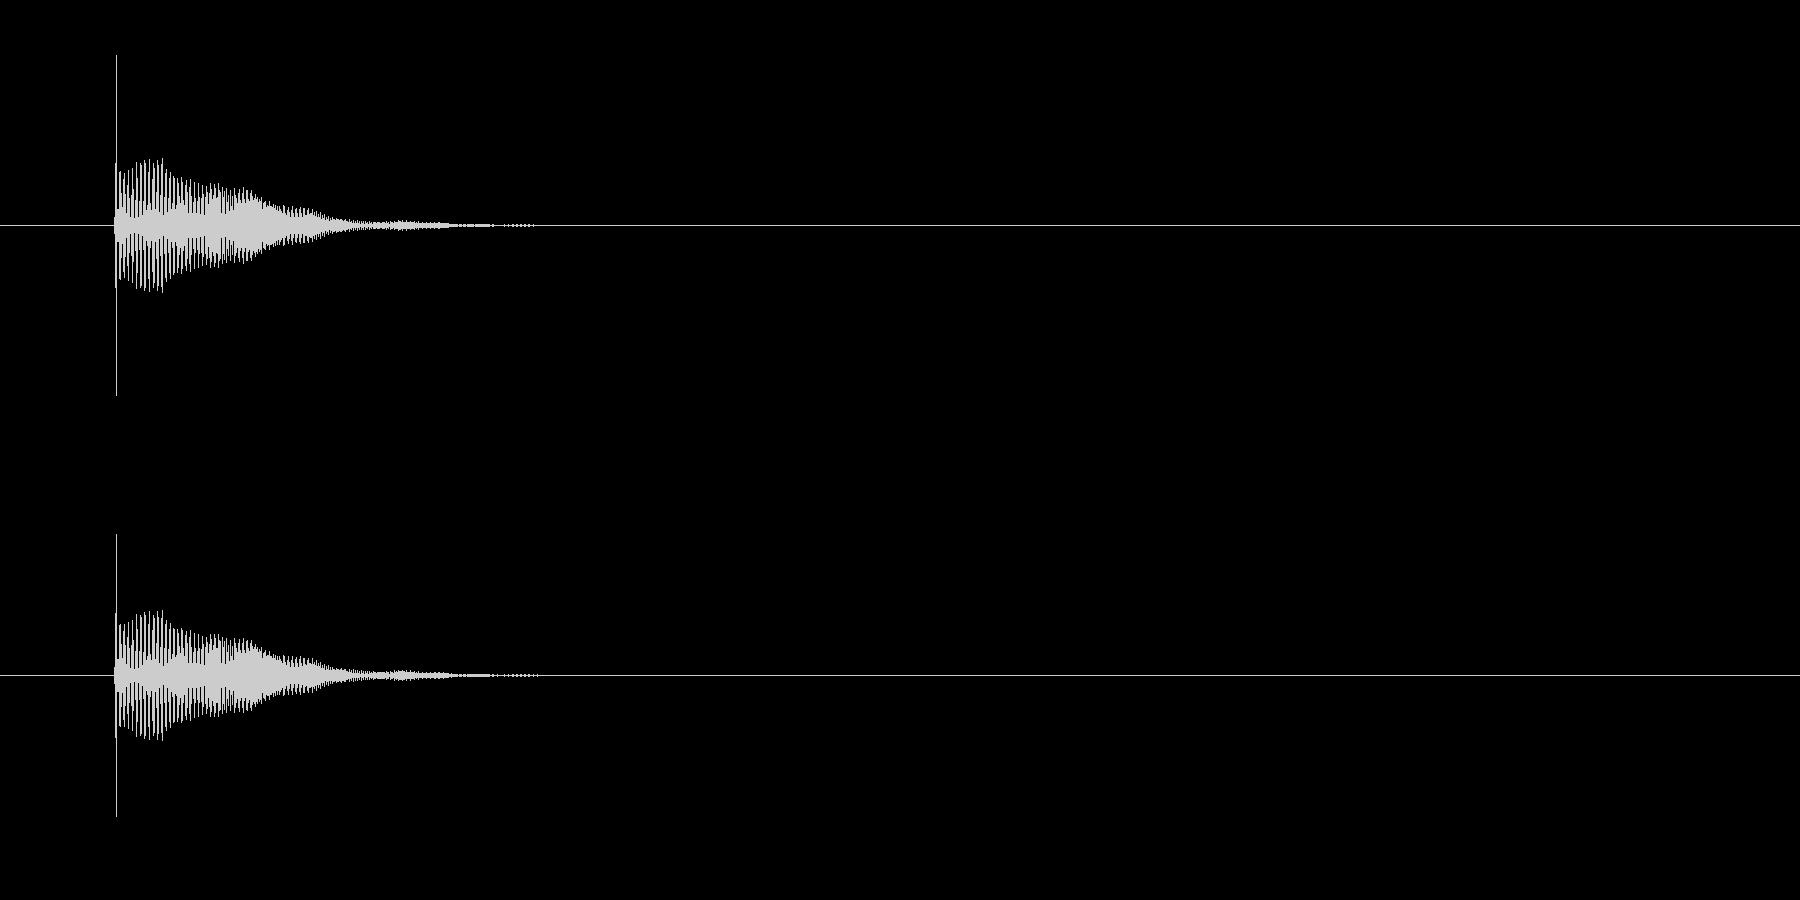 POINGコミックフレキシブルアクセントの未再生の波形